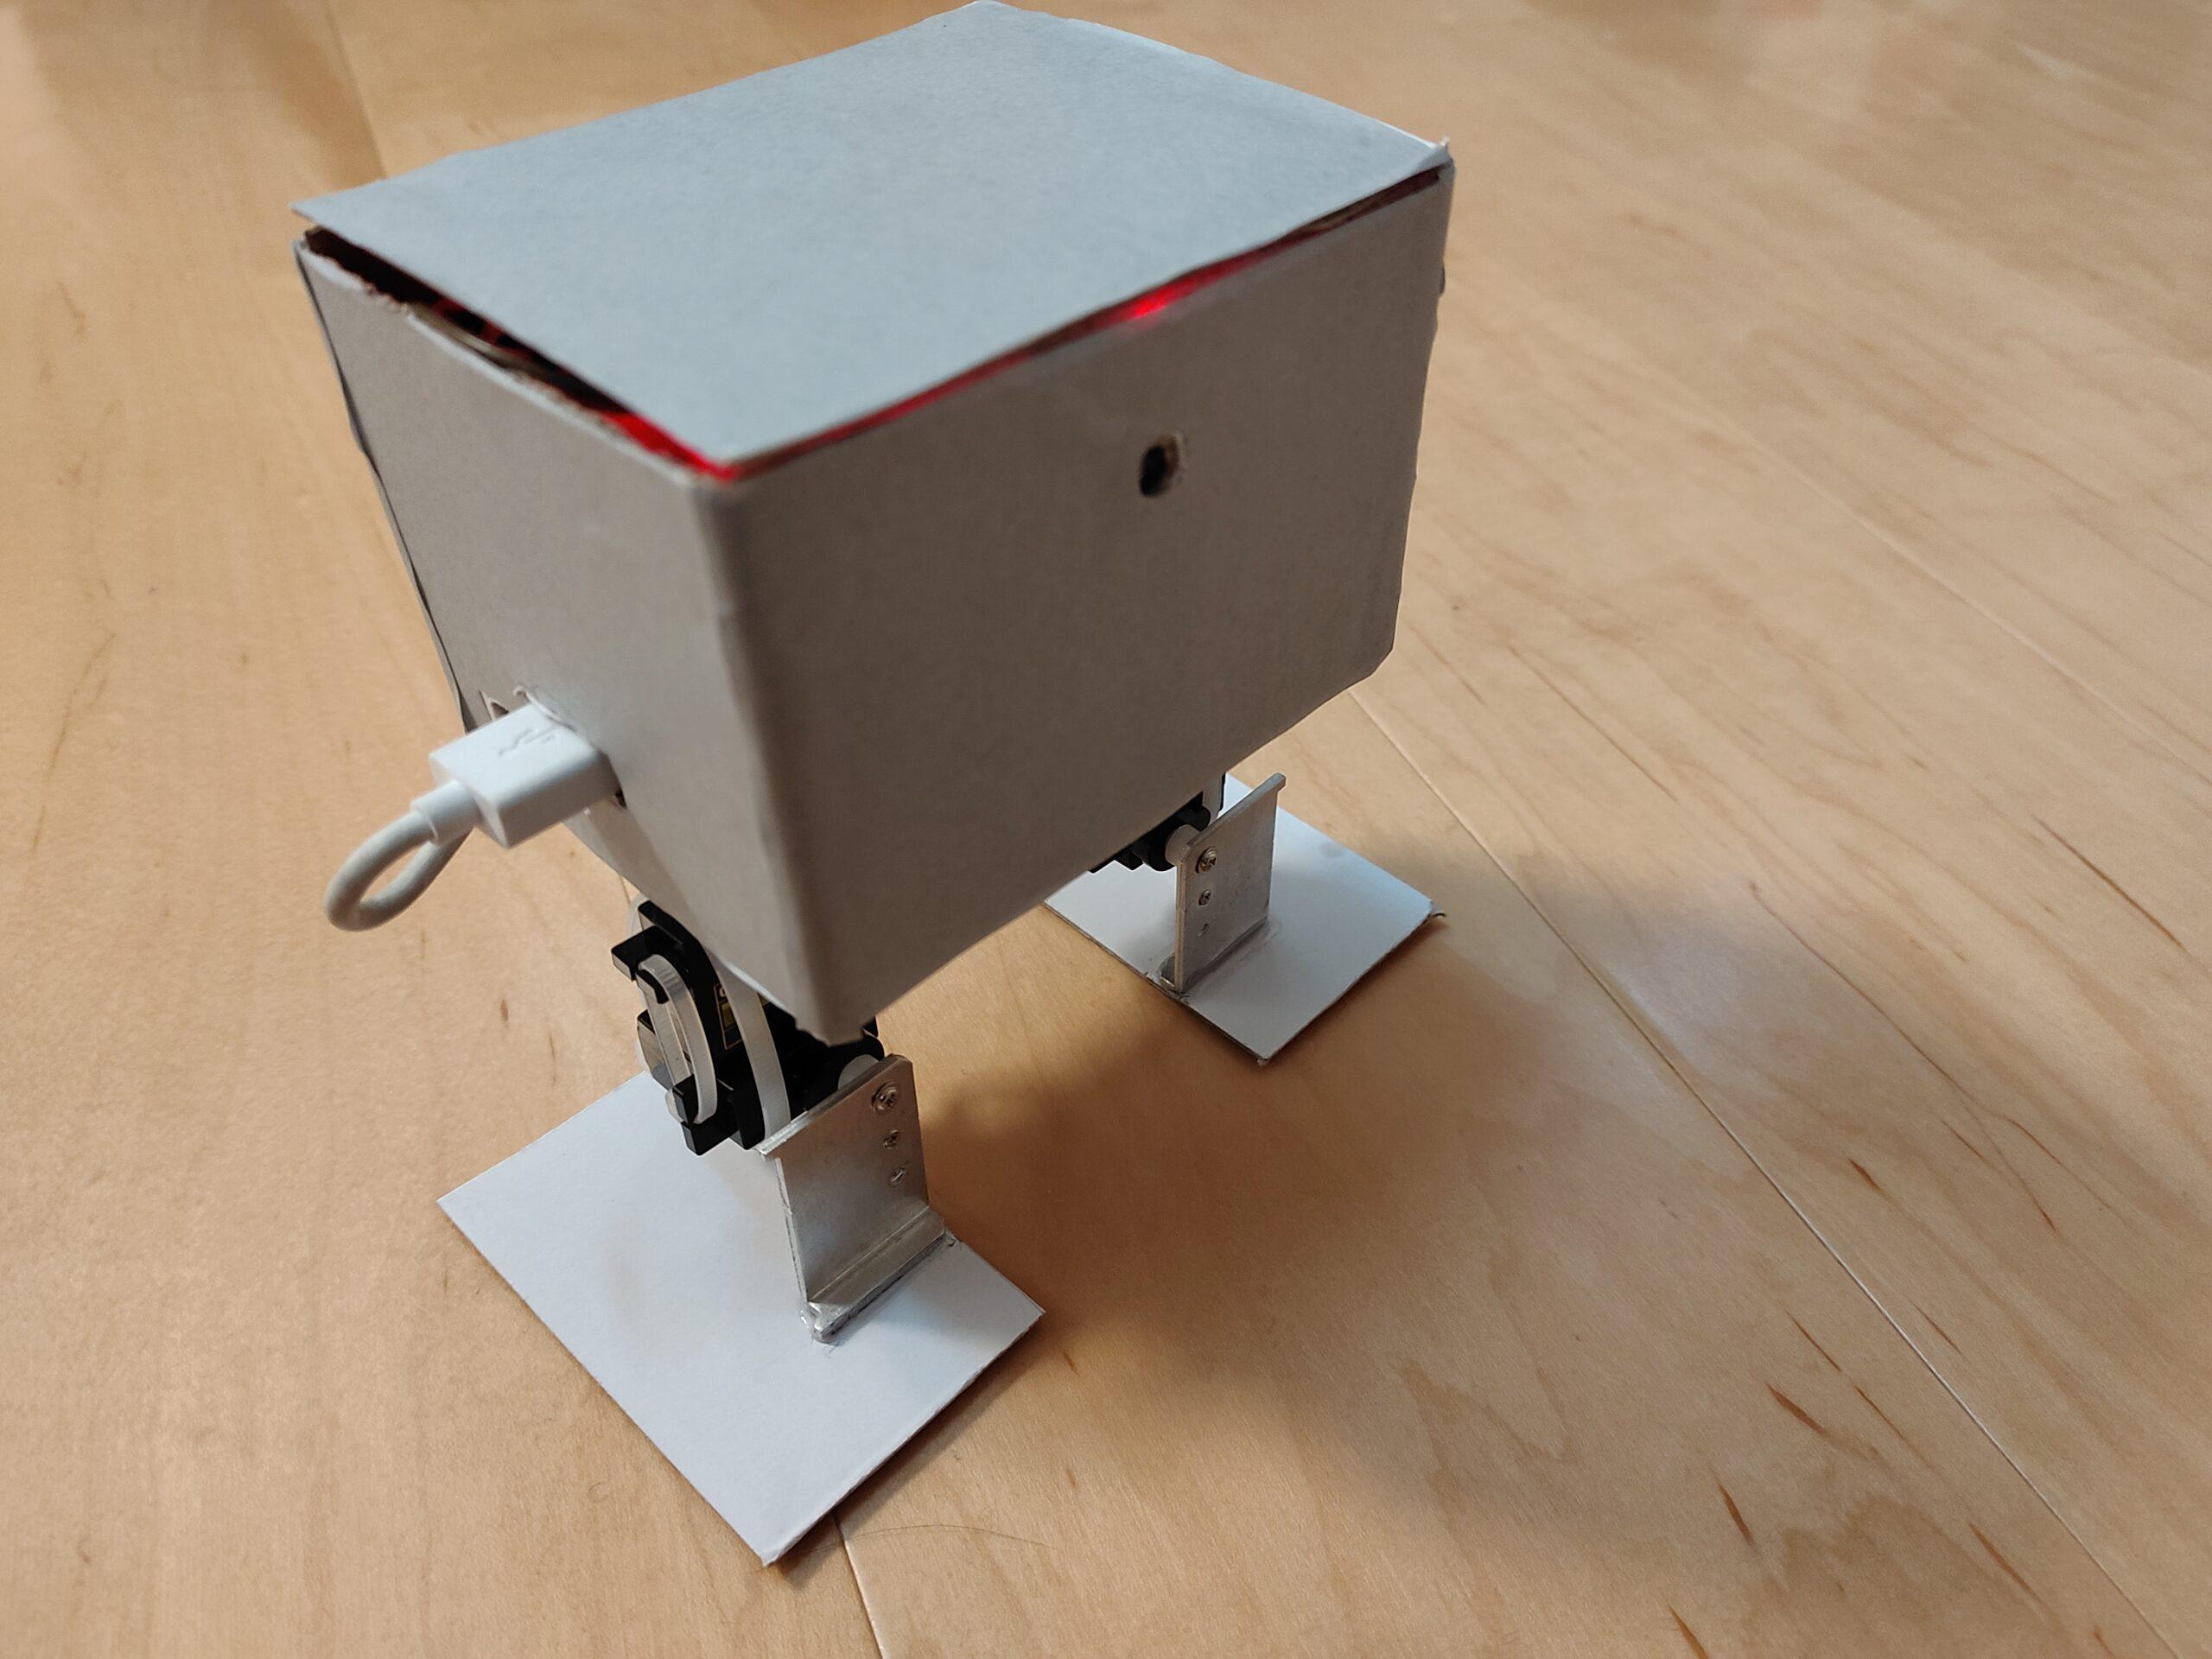 Raspberry piで2足歩行ロボットの作成⑥【完成】「ラズパイ、電源、ケーブル、サーボモータードライバの収納」